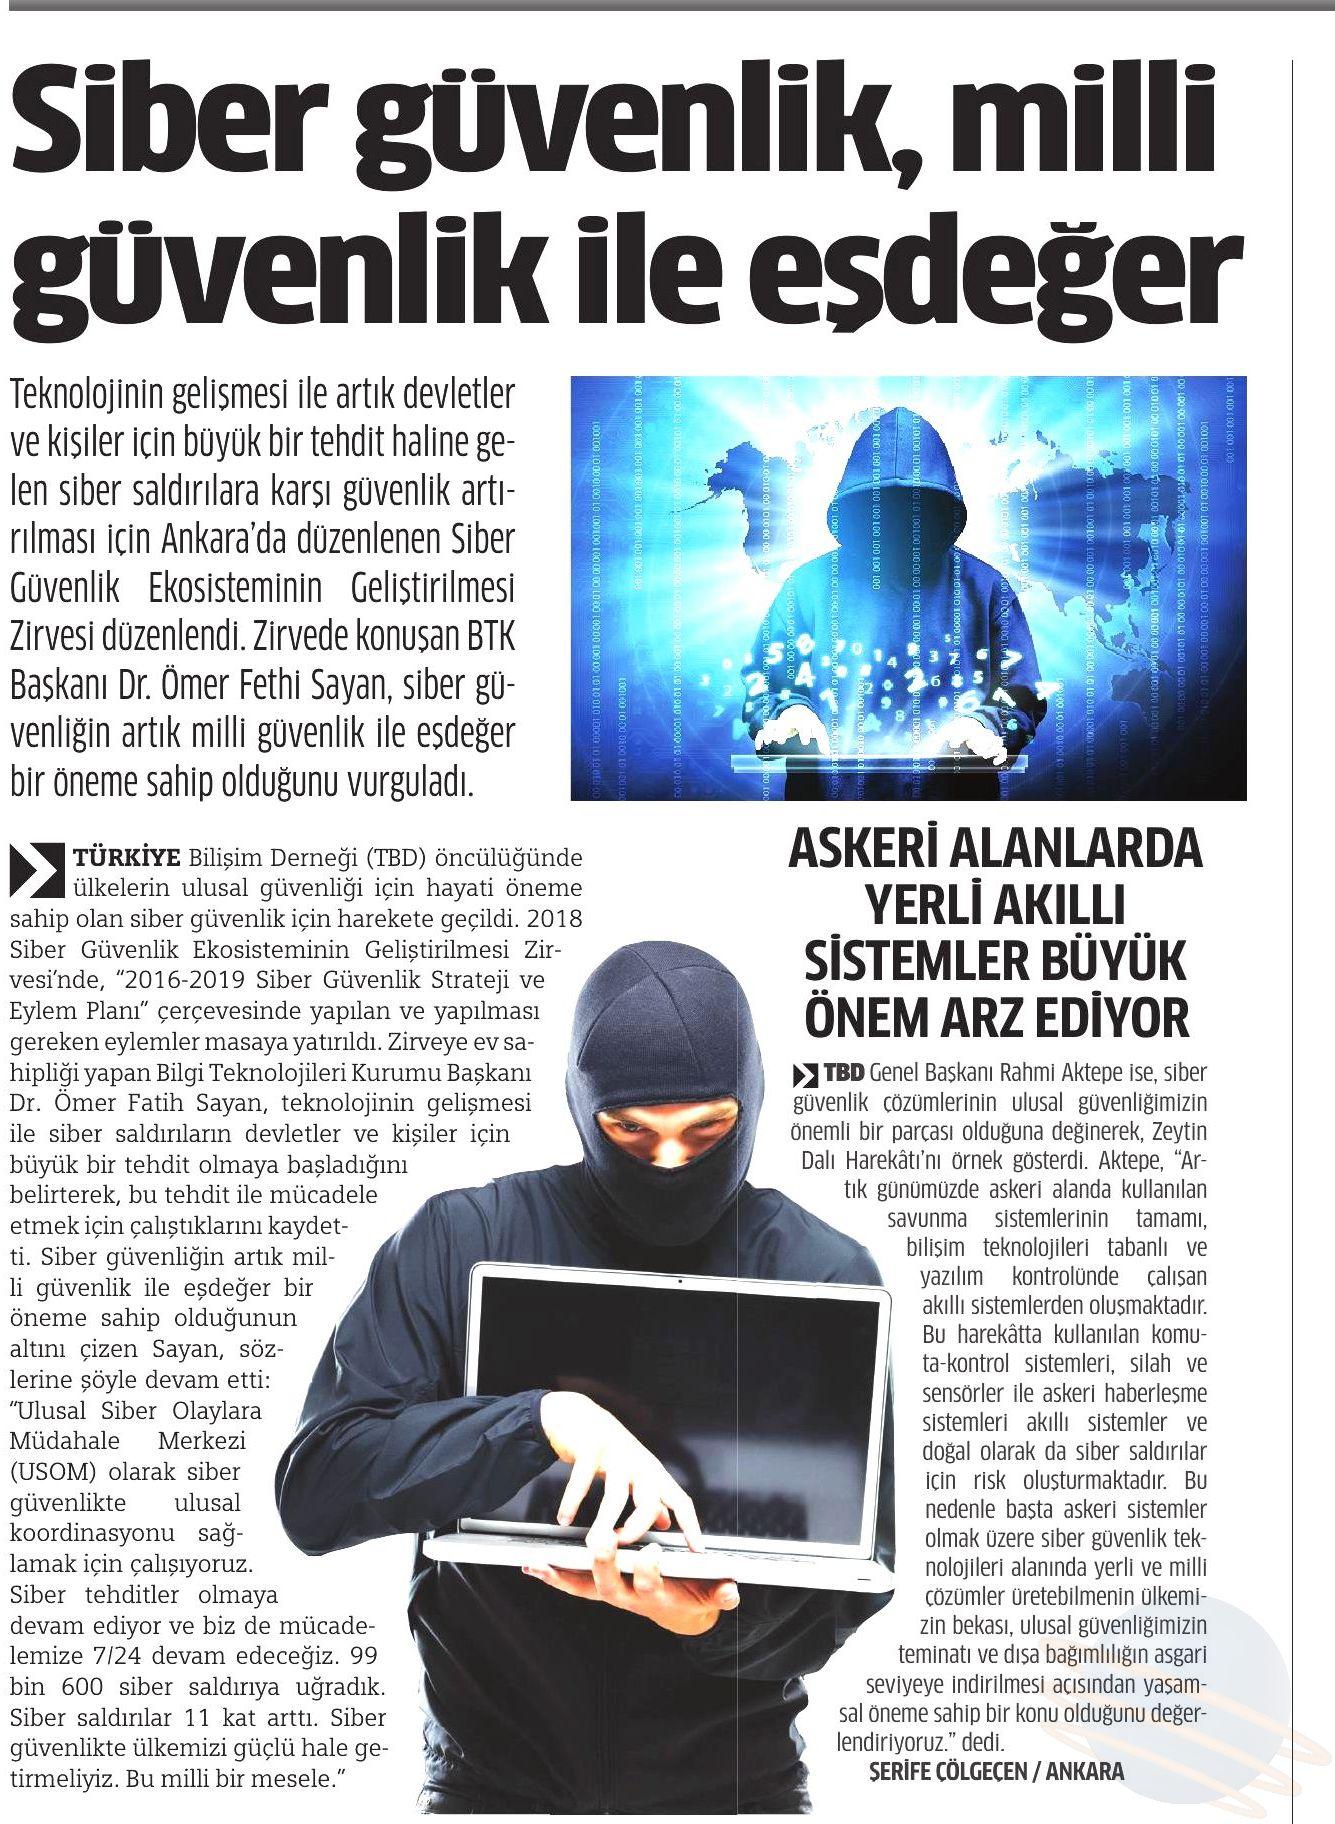 siber-guvenlik-milli-guvenlik-ile-esdeger-milli-gazete-tbd